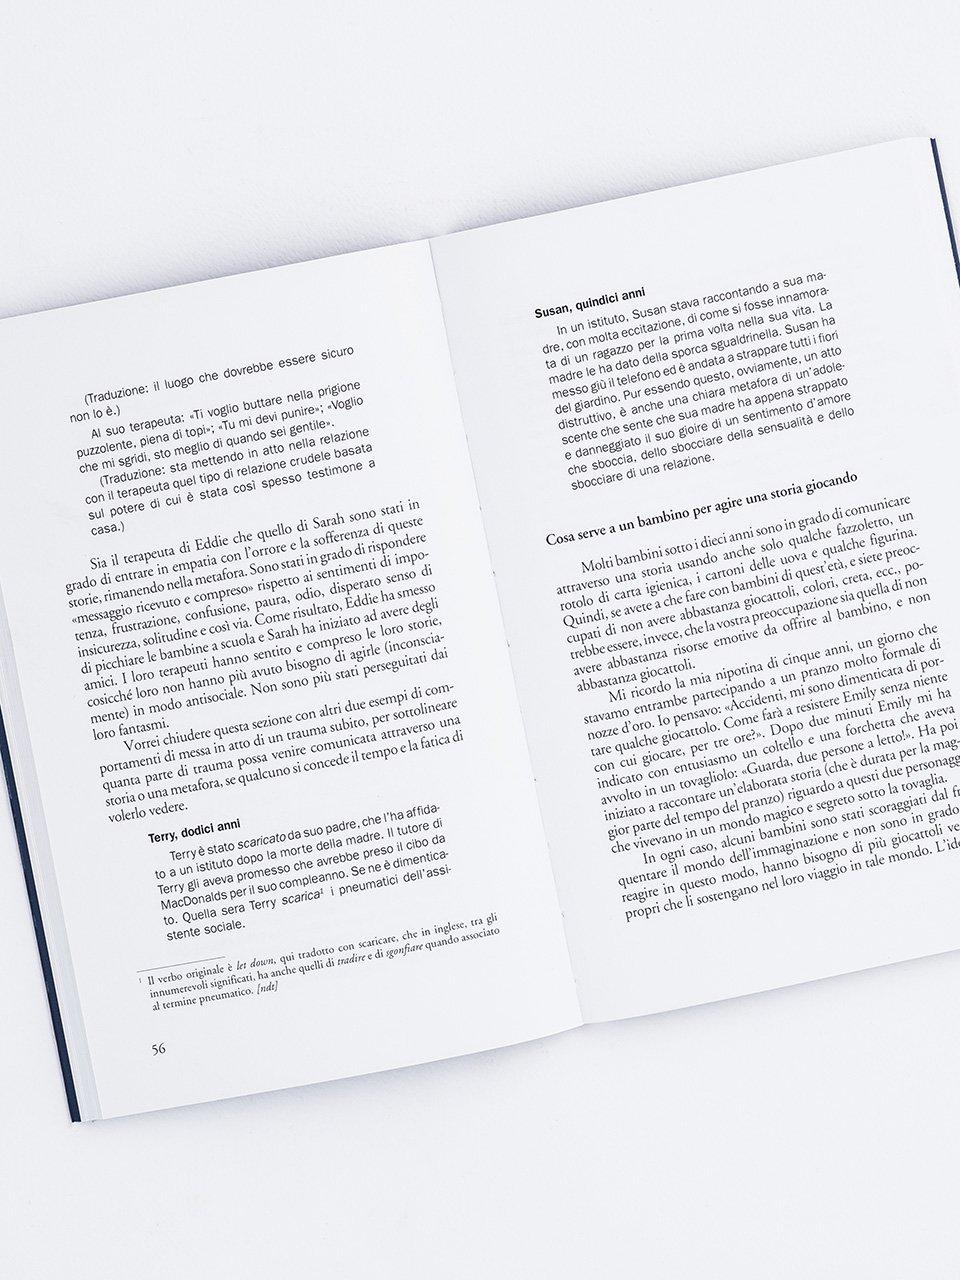 Raccontare storie aiuta i bambini - Libri - Erickson 2